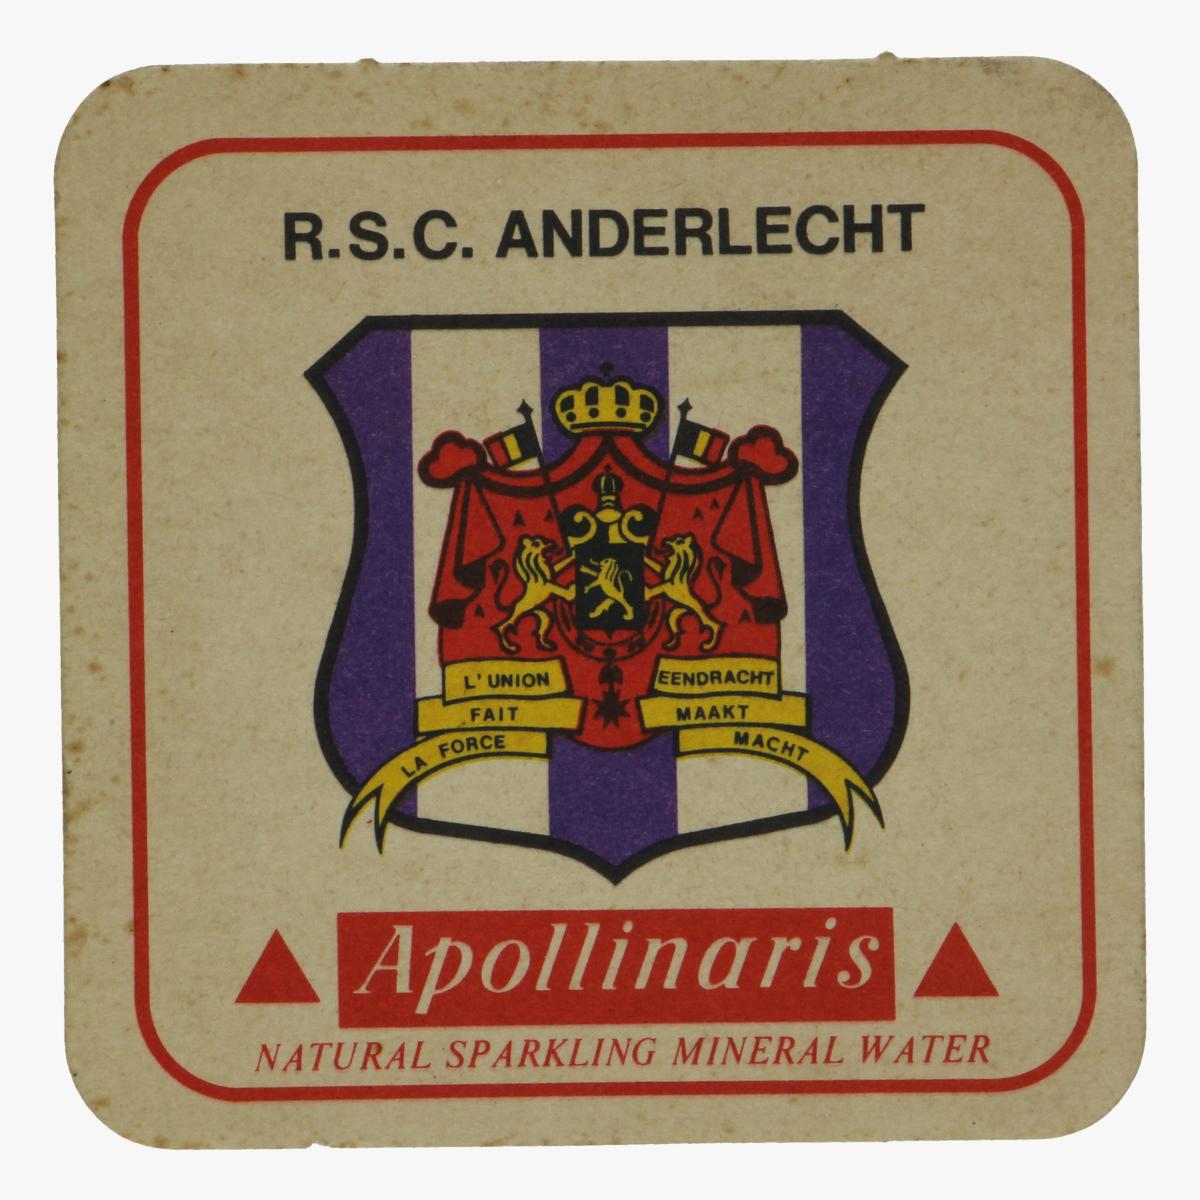 Afbeeldingen van bierkaart r.s.c. anderlecht apollinaris